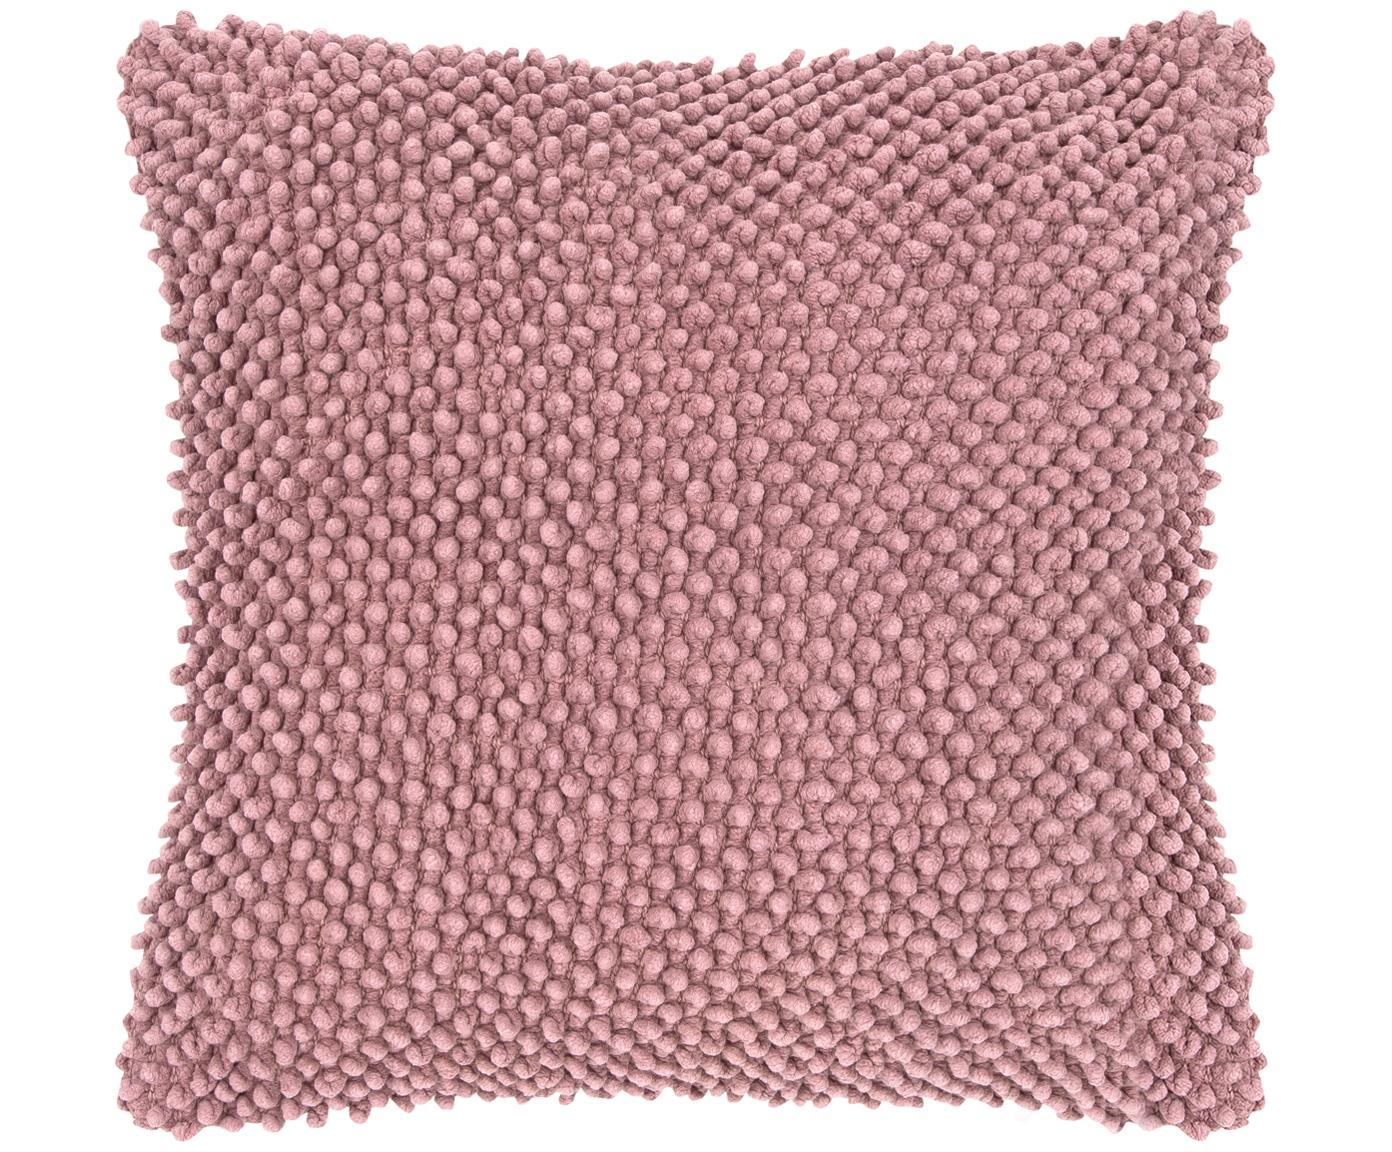 Kissenhülle Indi mit strukturierter Oberfläche, 100% Baumwolle, Altrosa, 45 x 45 cm